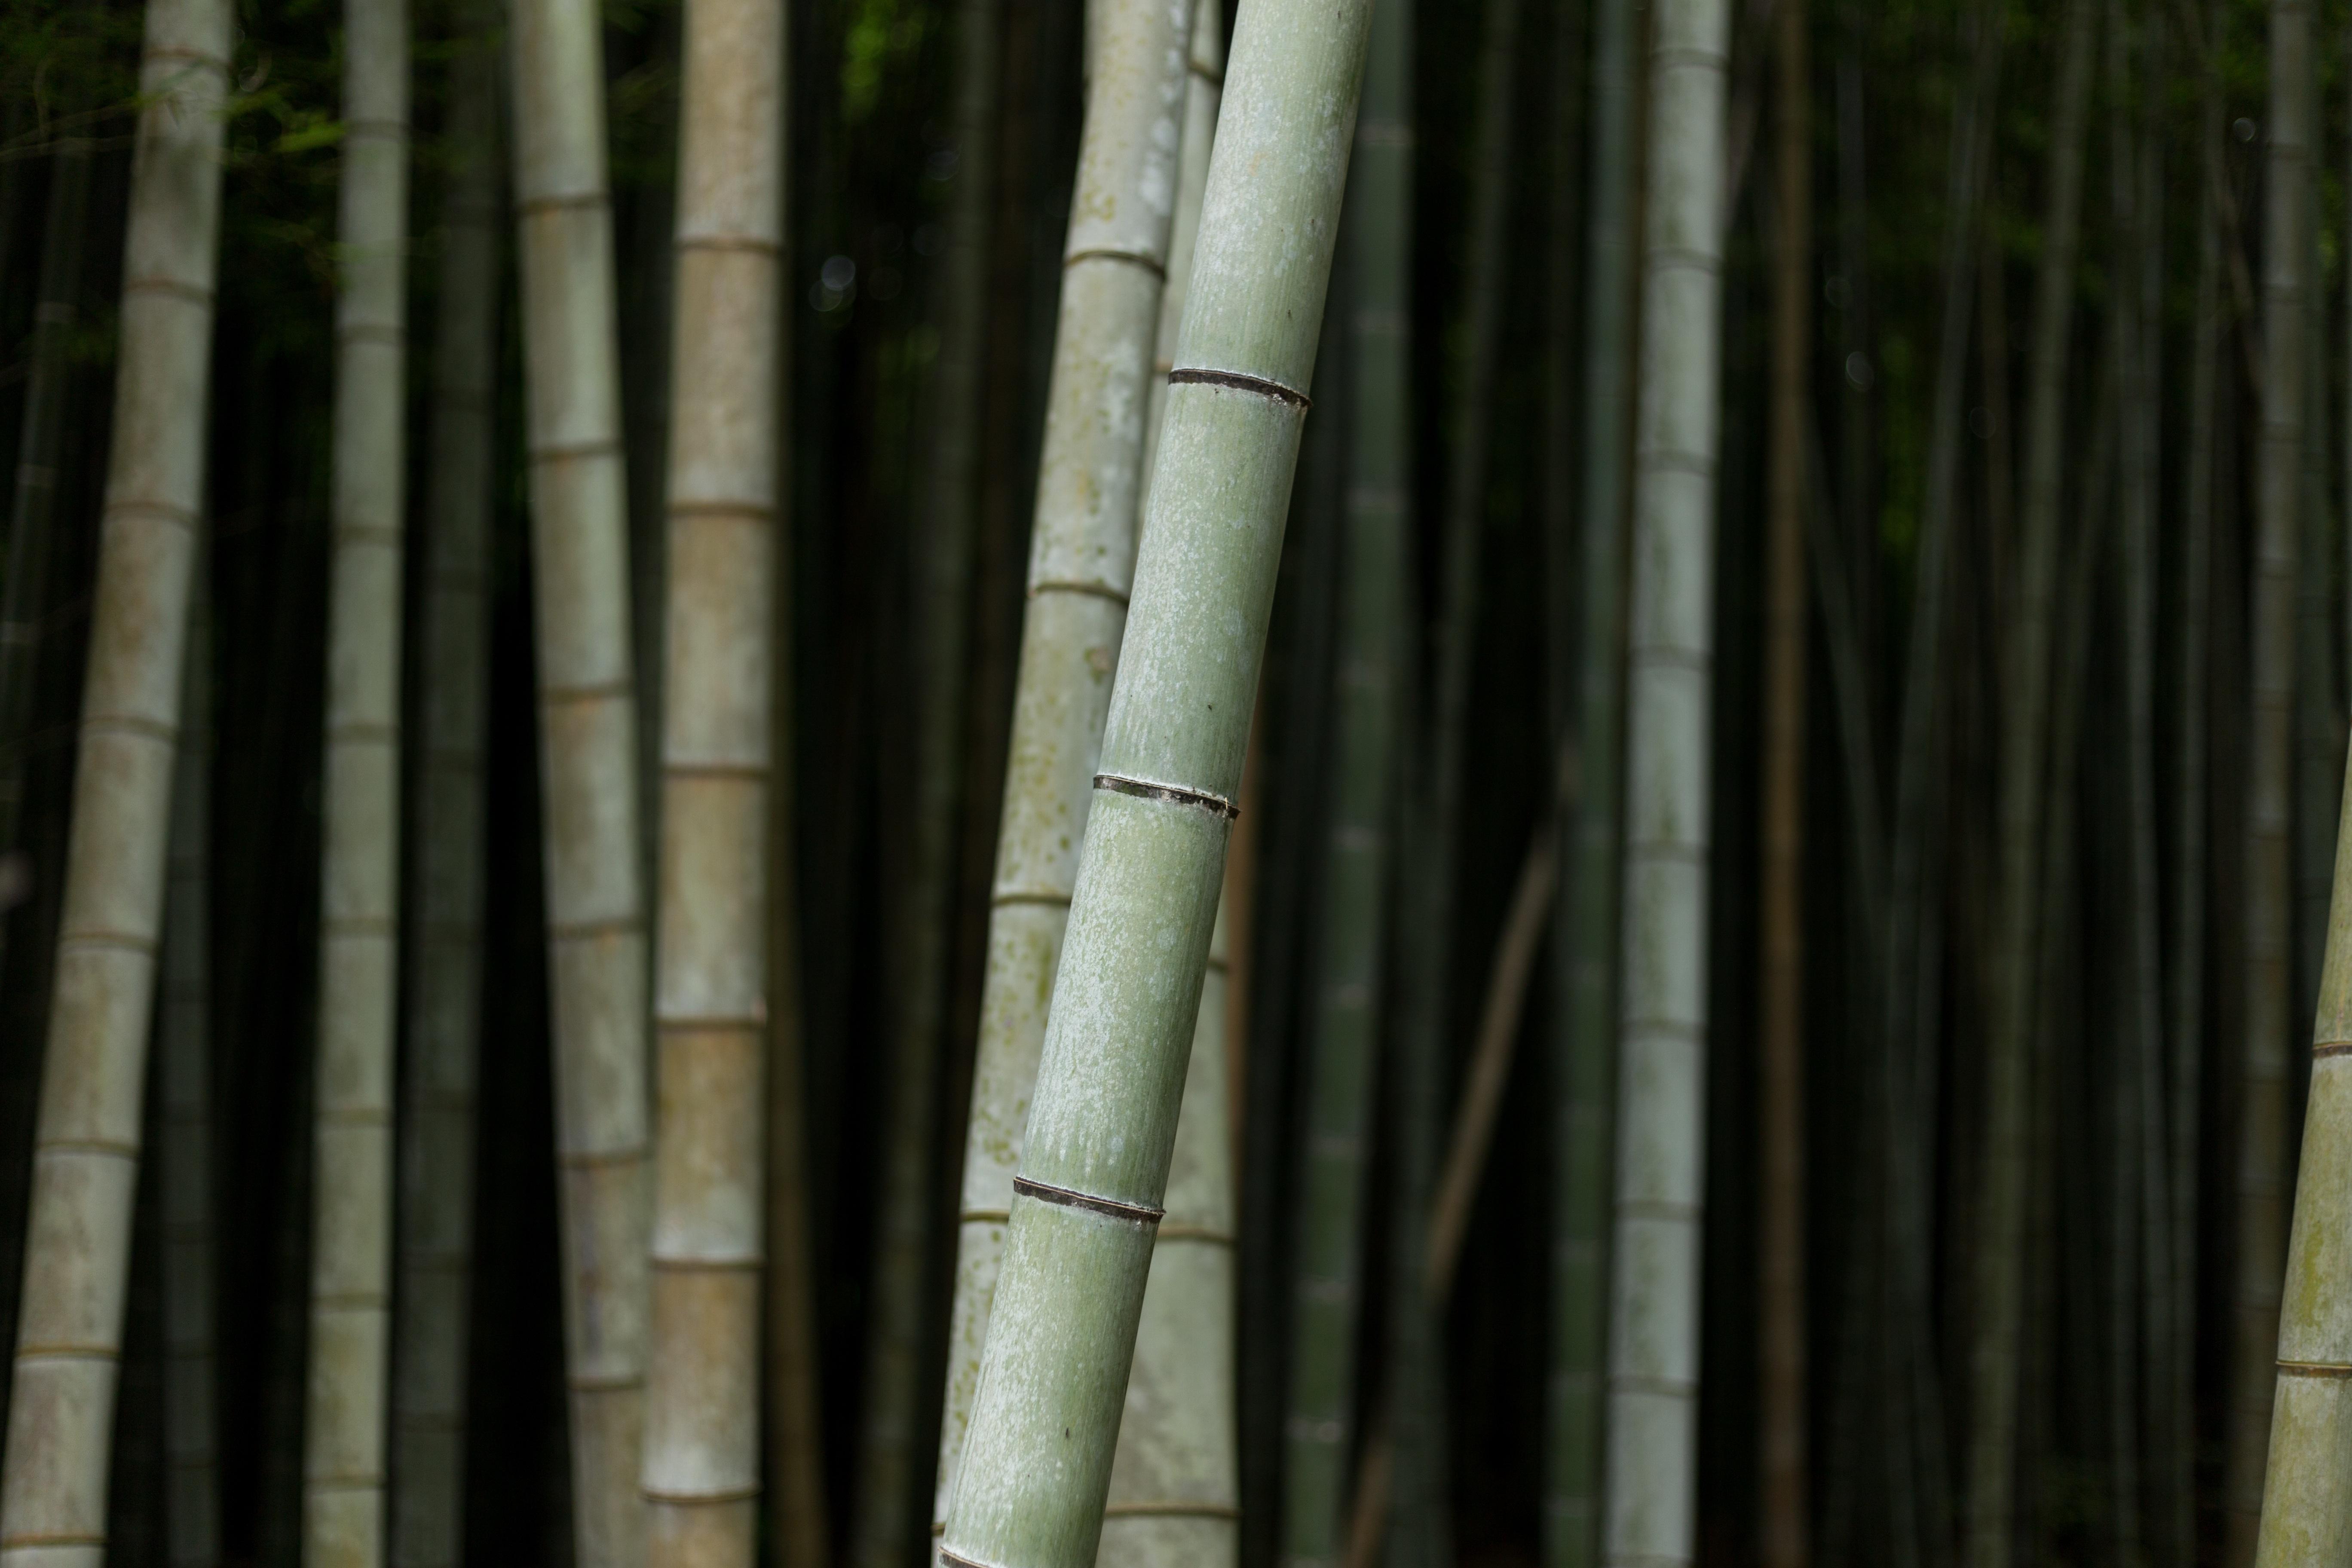 Images gratuites arbre for t branche bois tronc tige bambou tige de plante plante - Tronc de bambou decoratif ...